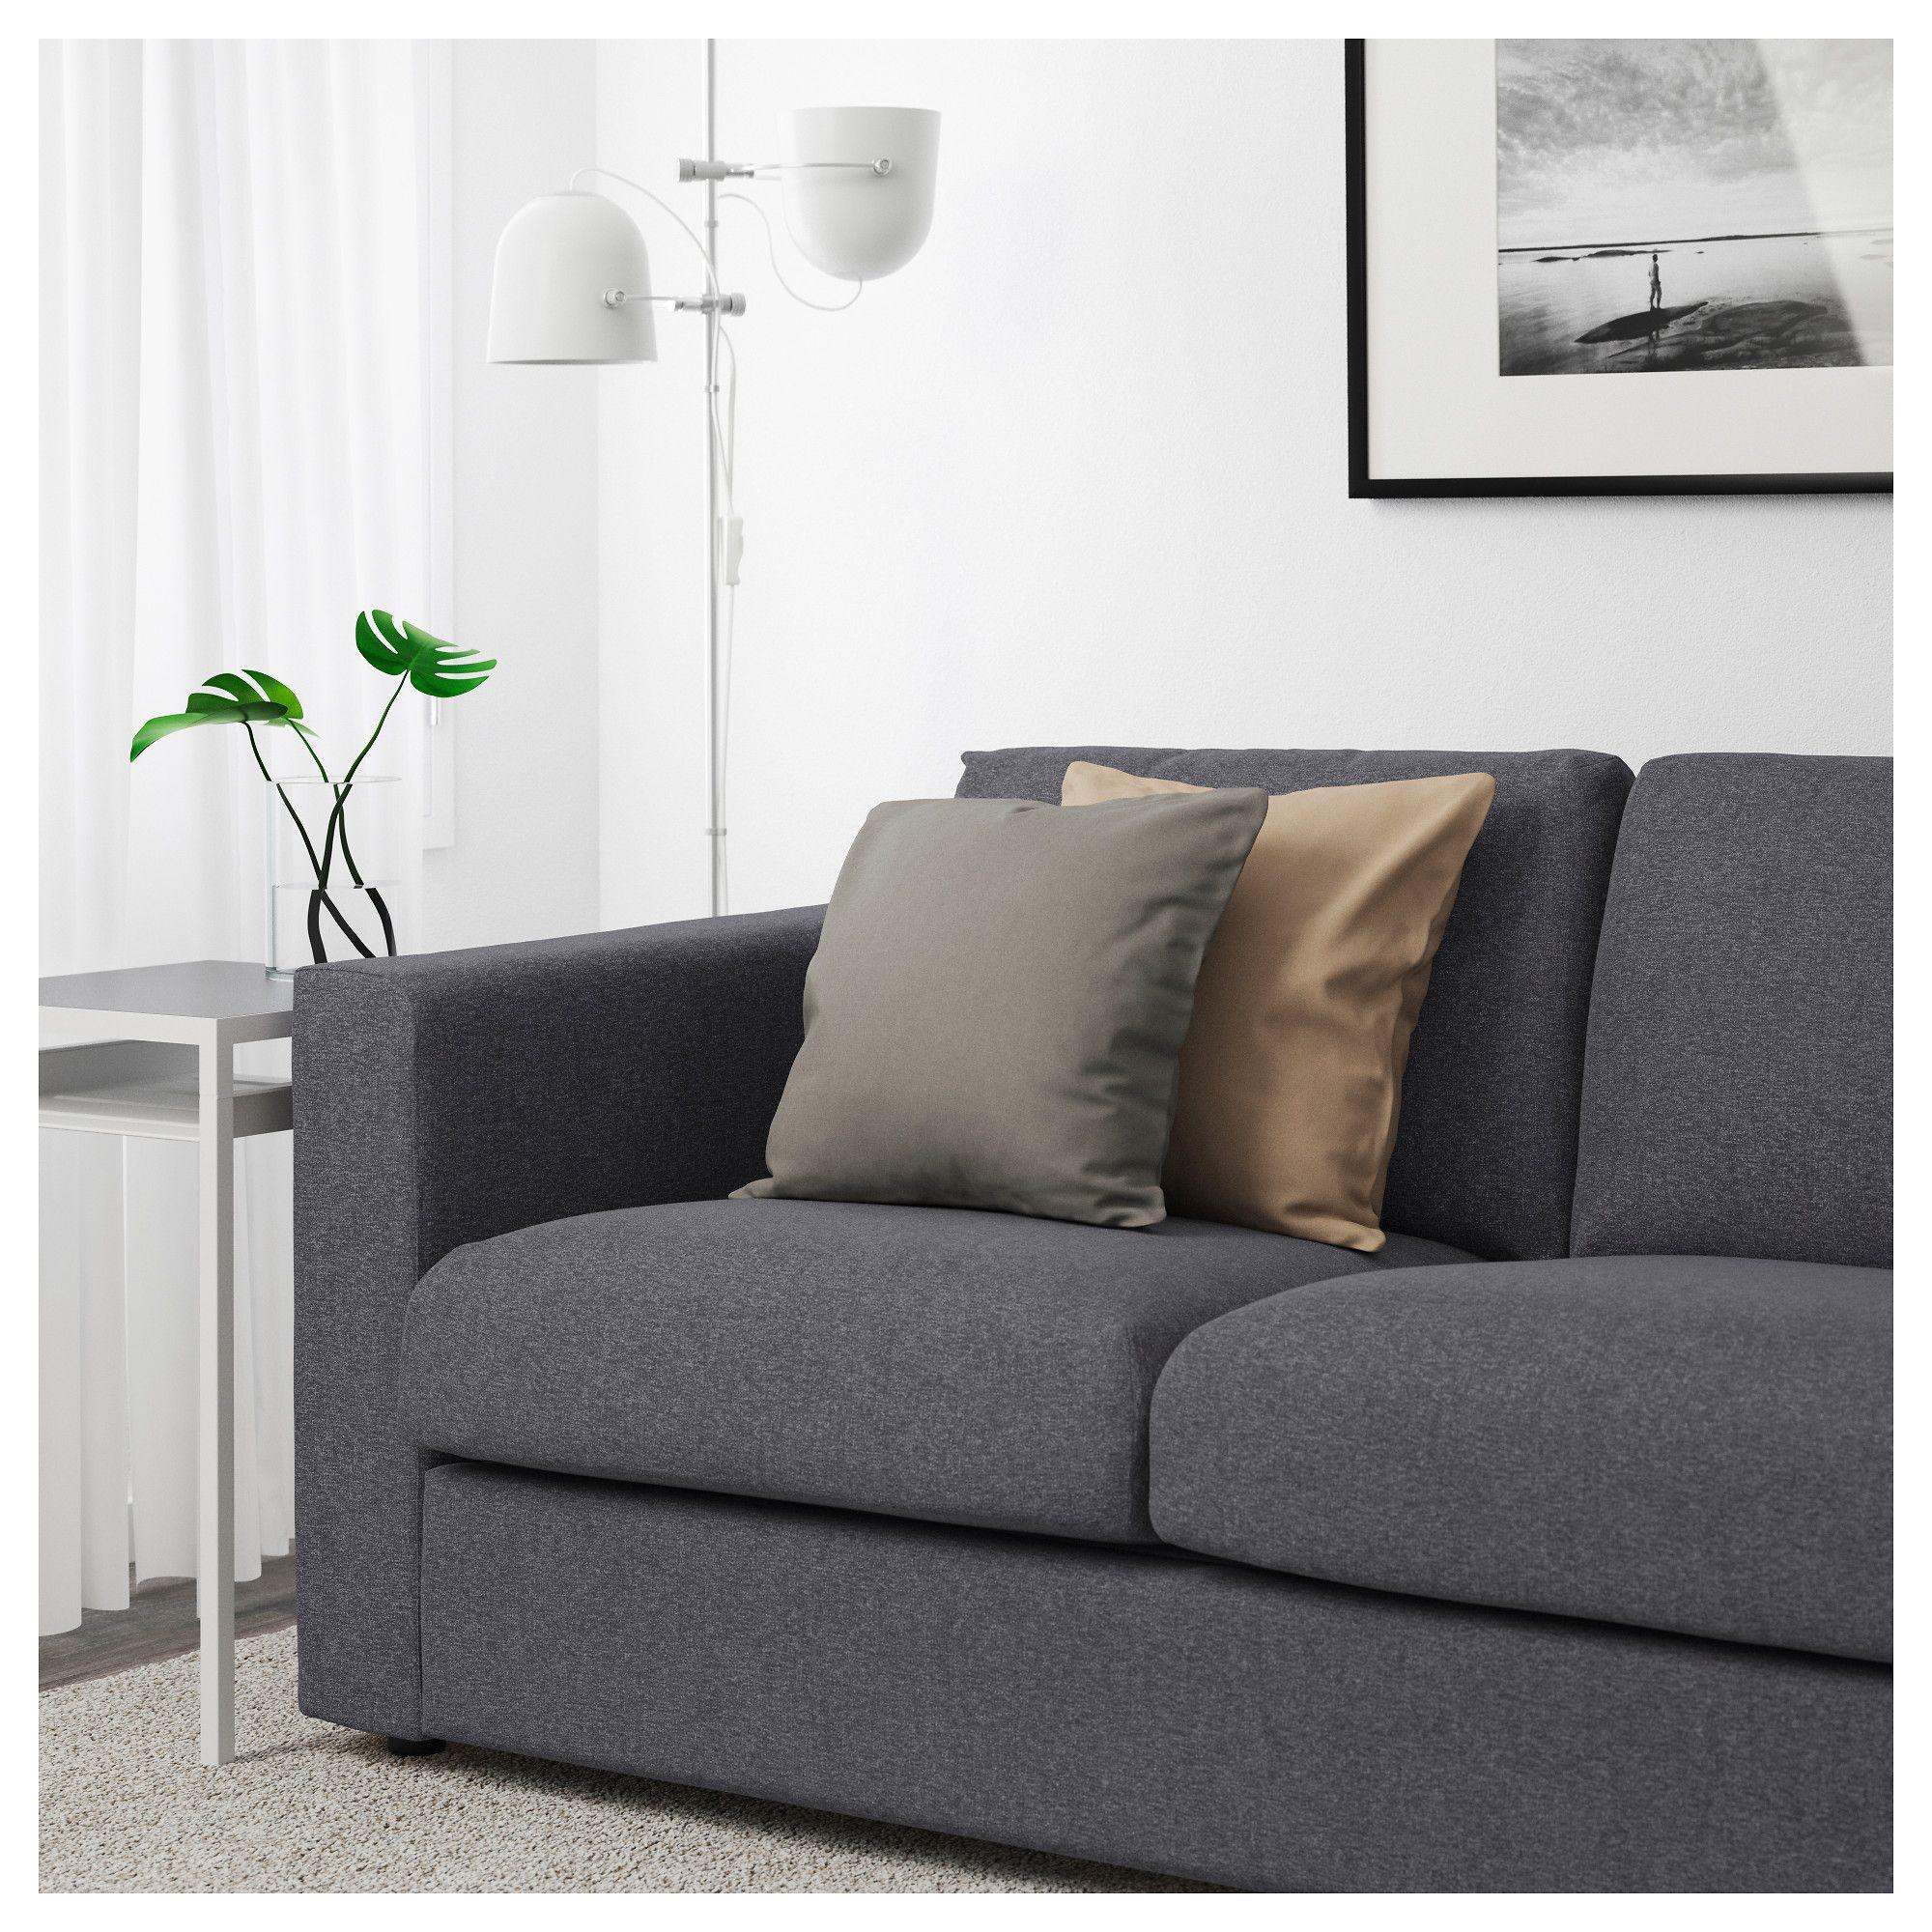 Furniture Home Furnishings Find Your Inspiration Ikea Vimle Sofa Ikea Vimle Ikea Sofa